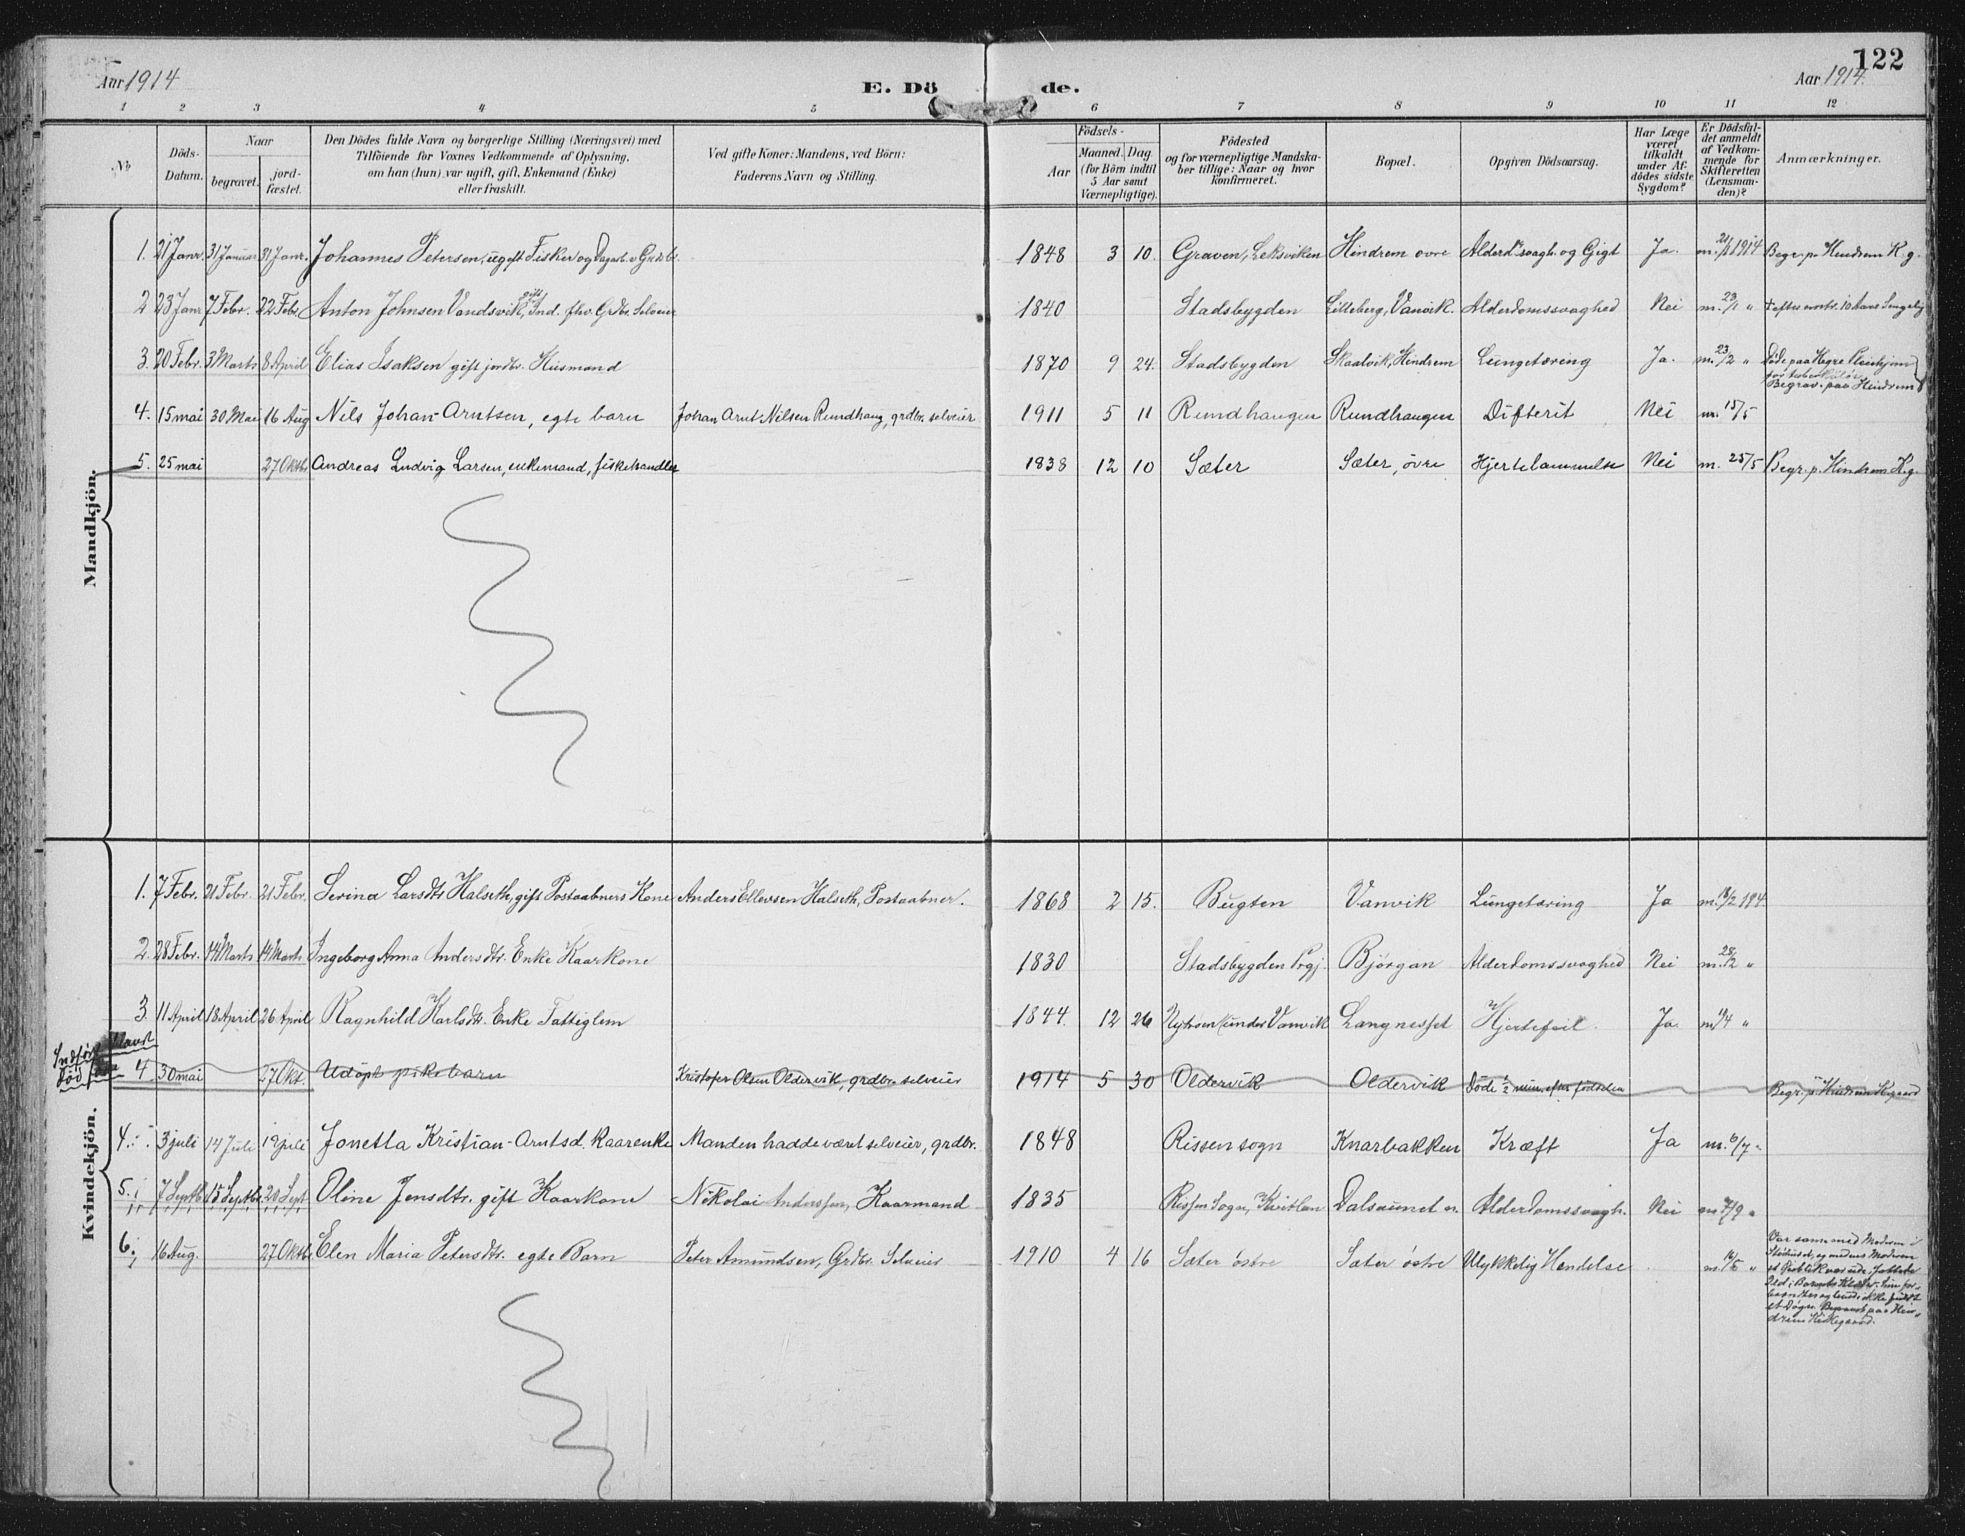 SAT, Ministerialprotokoller, klokkerbøker og fødselsregistre - Nord-Trøndelag, 702/L0024: Ministerialbok nr. 702A02, 1898-1914, s. 122